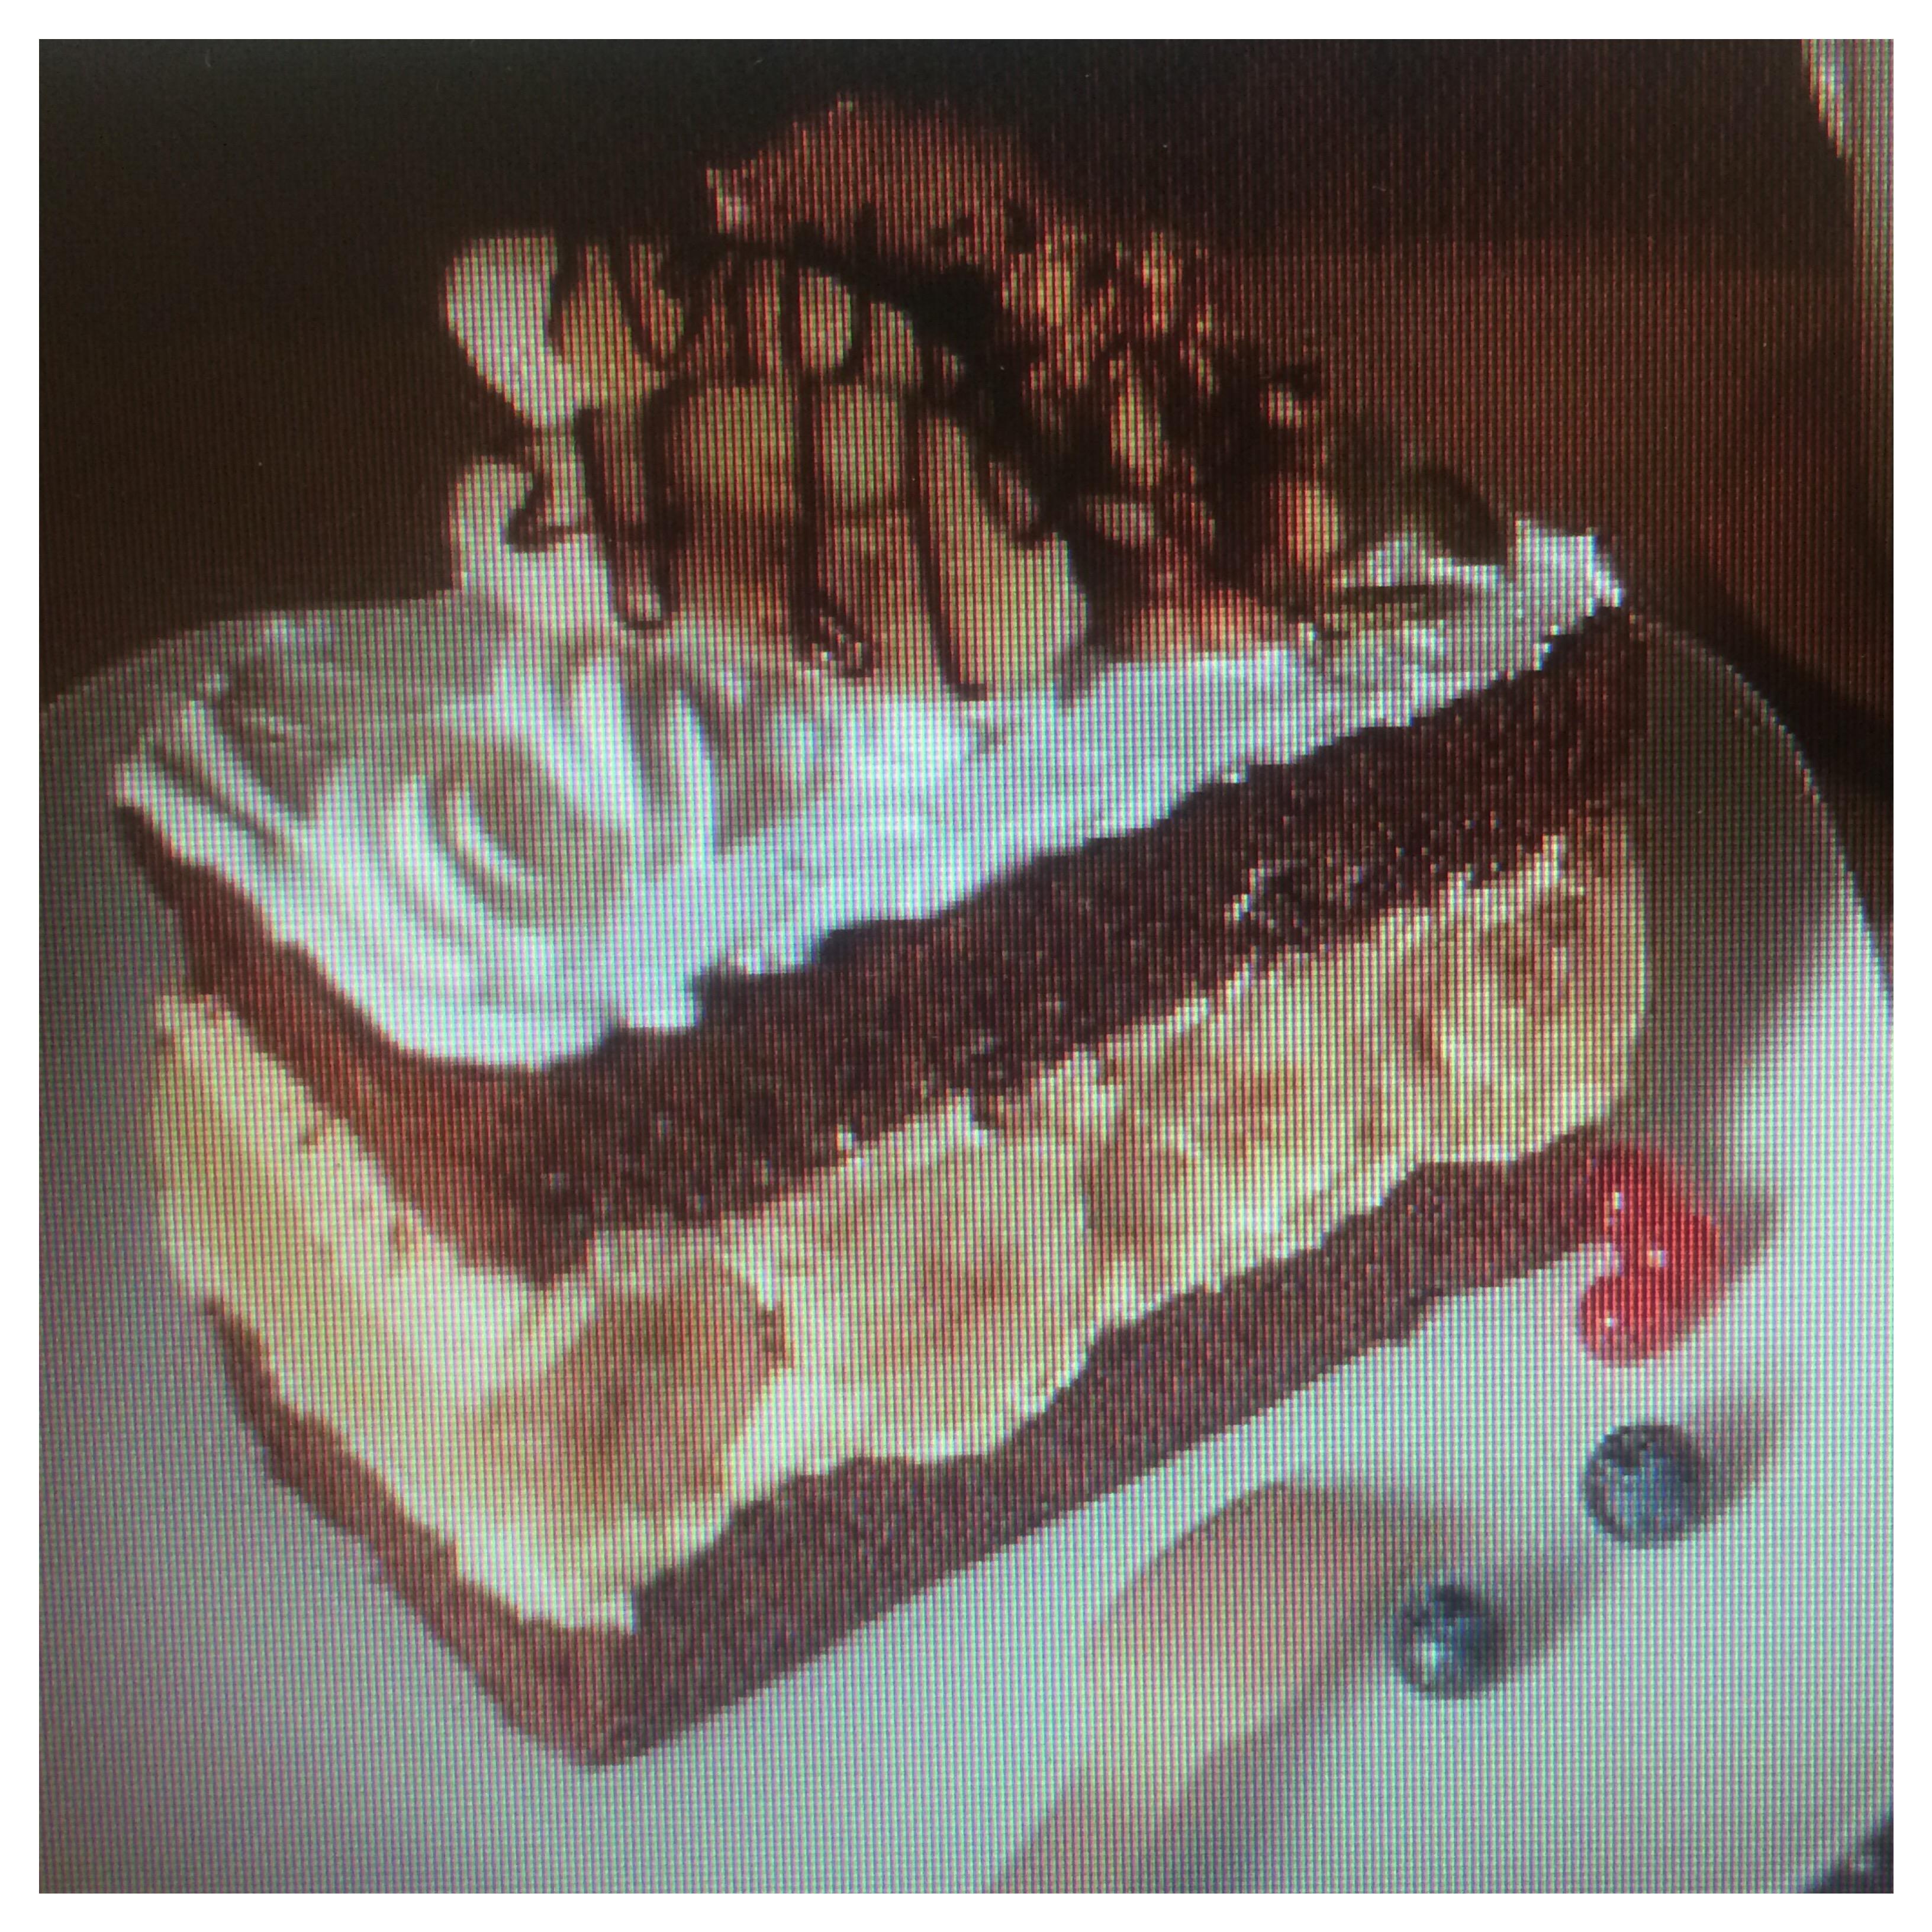 市販 の スポンジ ケーキ で クリスマス ケーキ